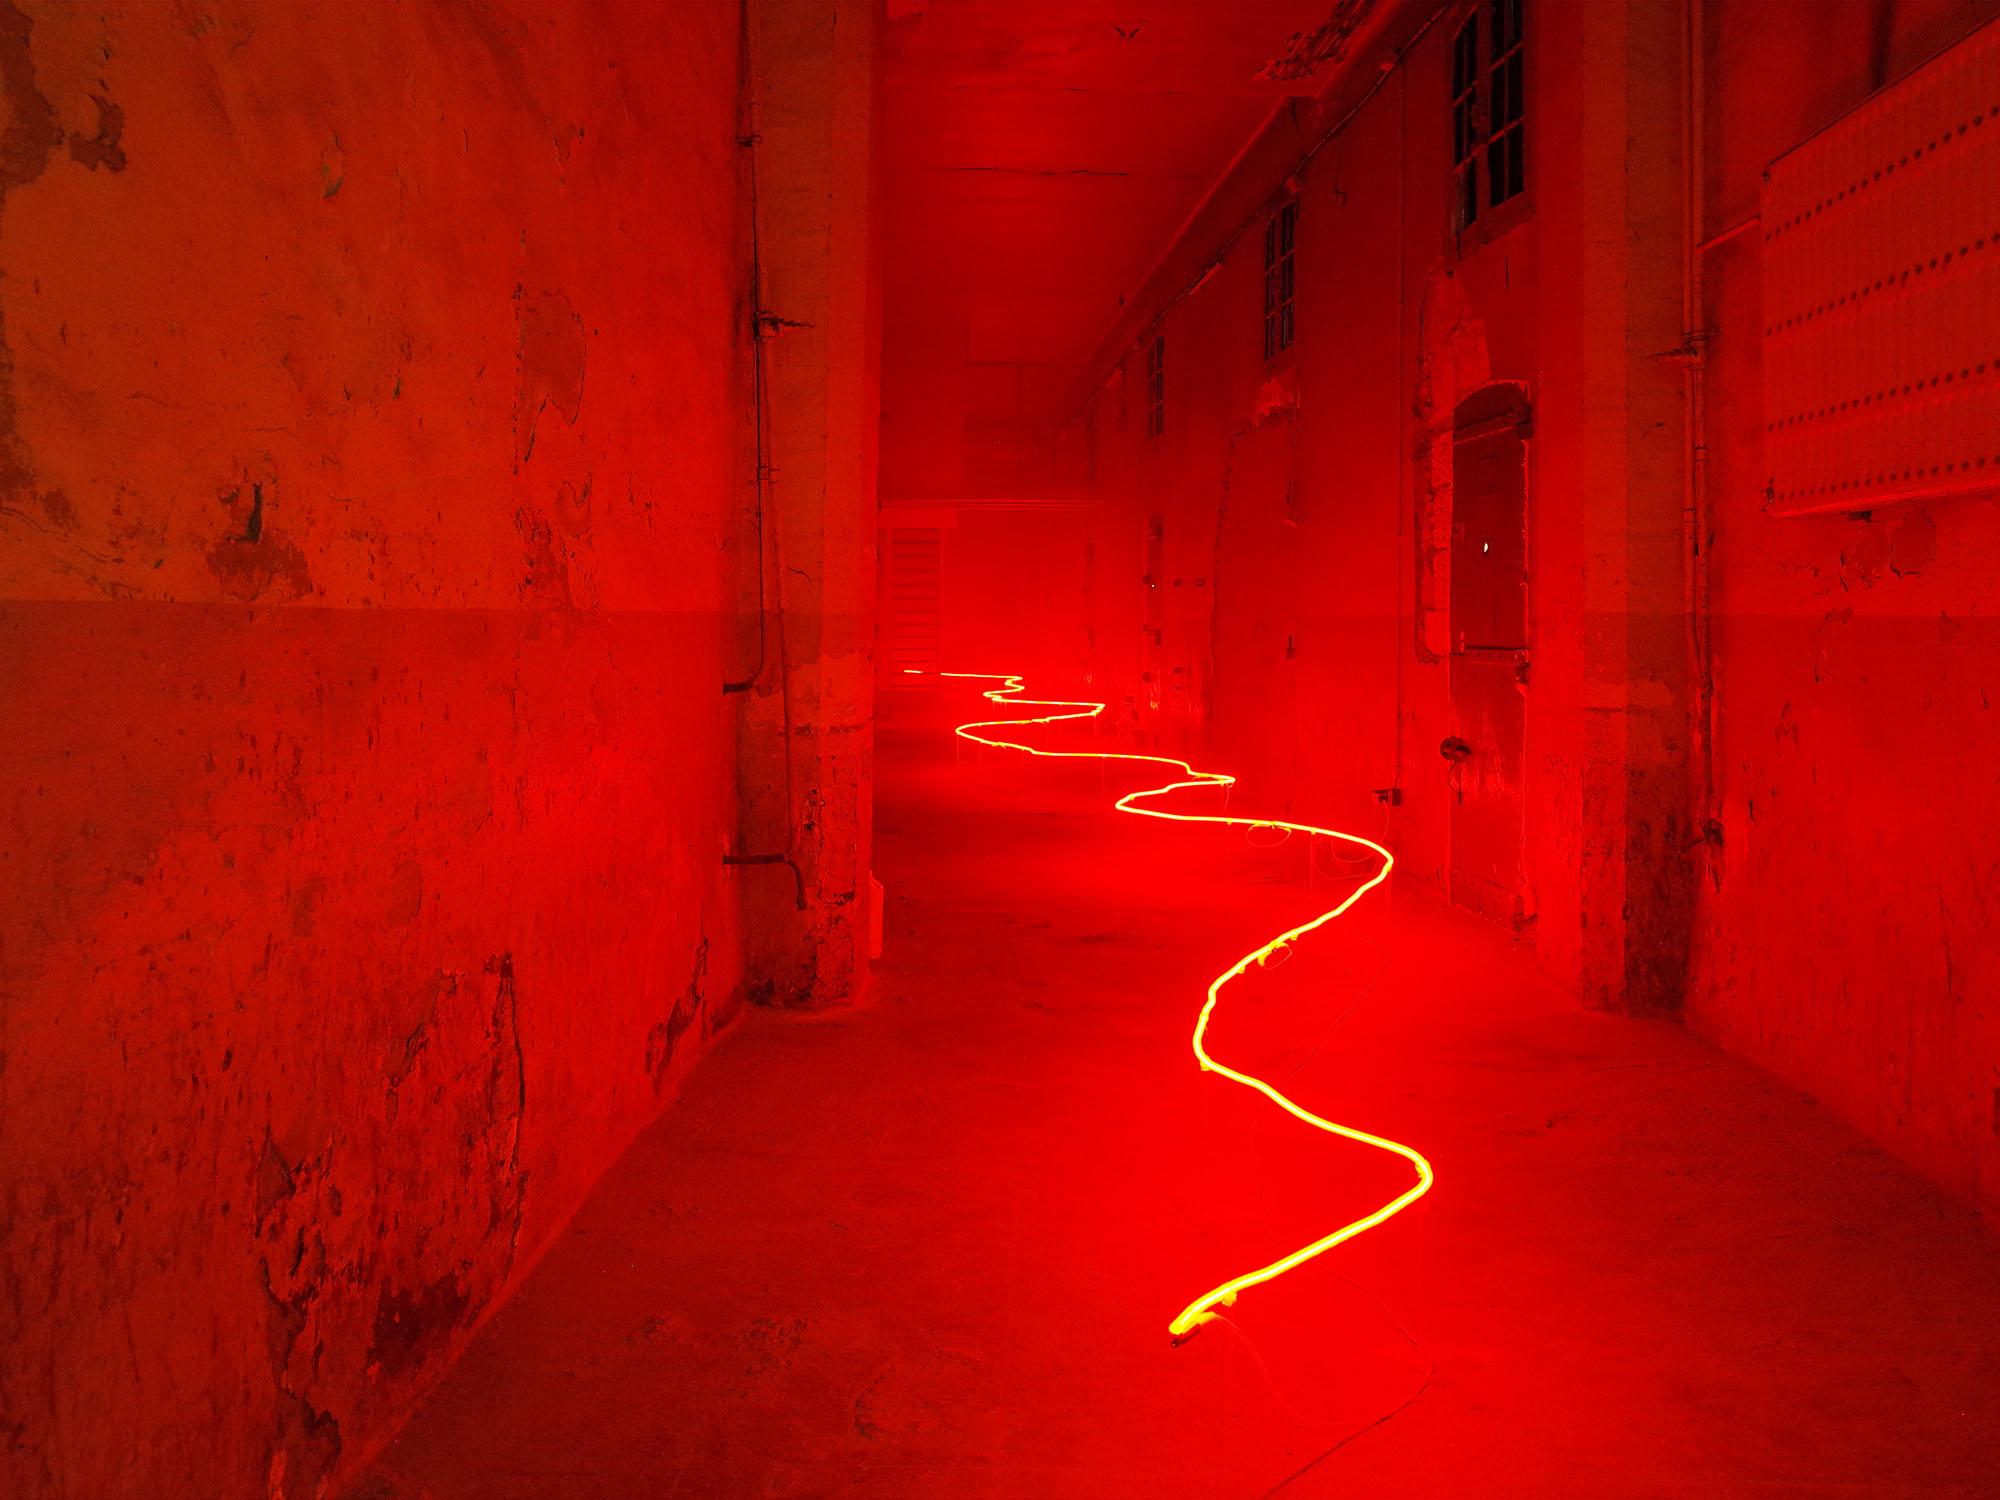 Neon Installation Art